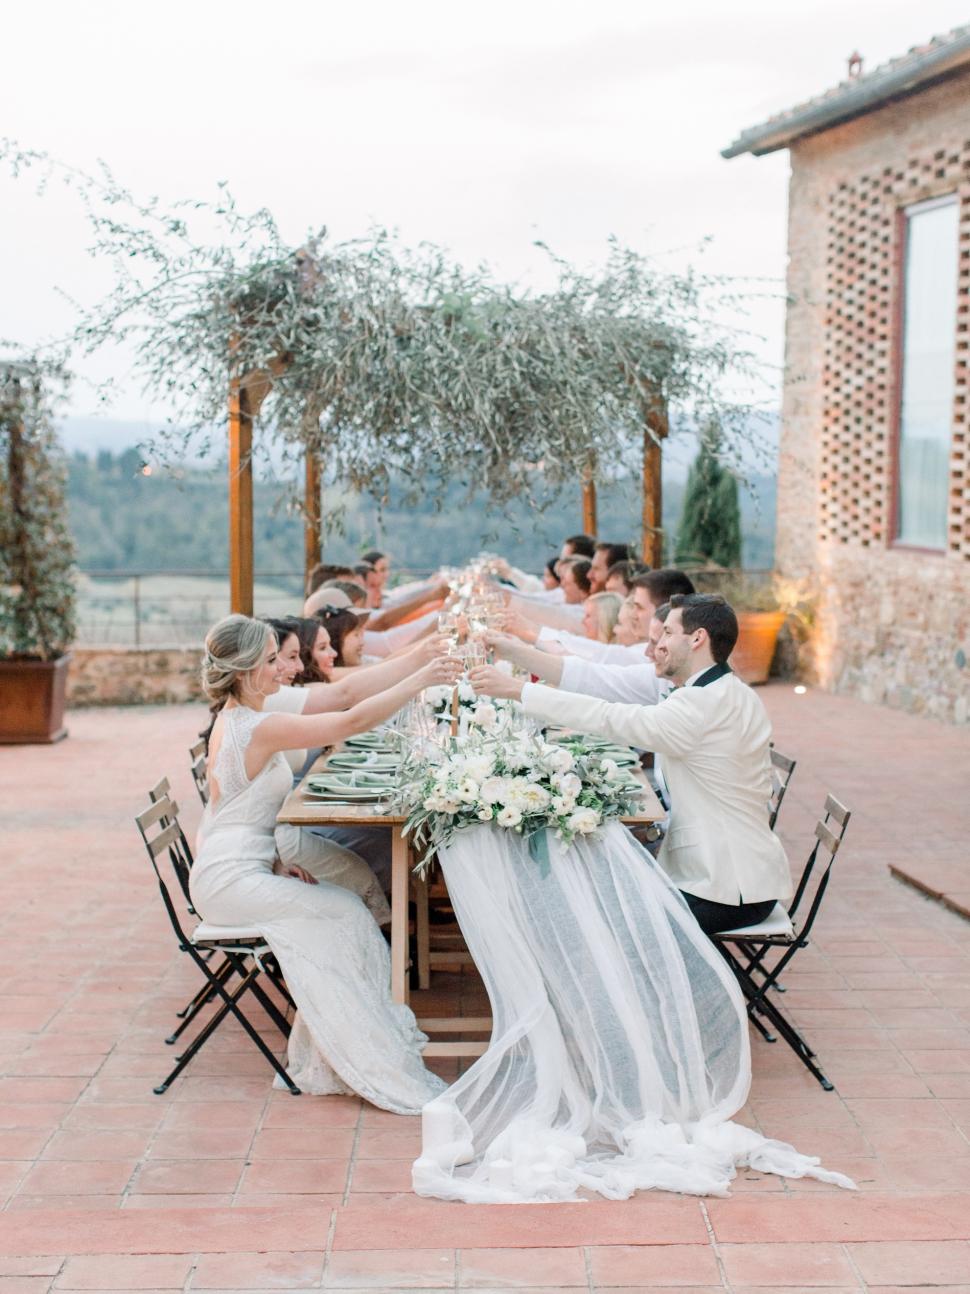 Tuscany-Destination-Wedding-Photographer-Cassi-Claire-Borgo-Petrognano-Florence-Wedding-32.jpg